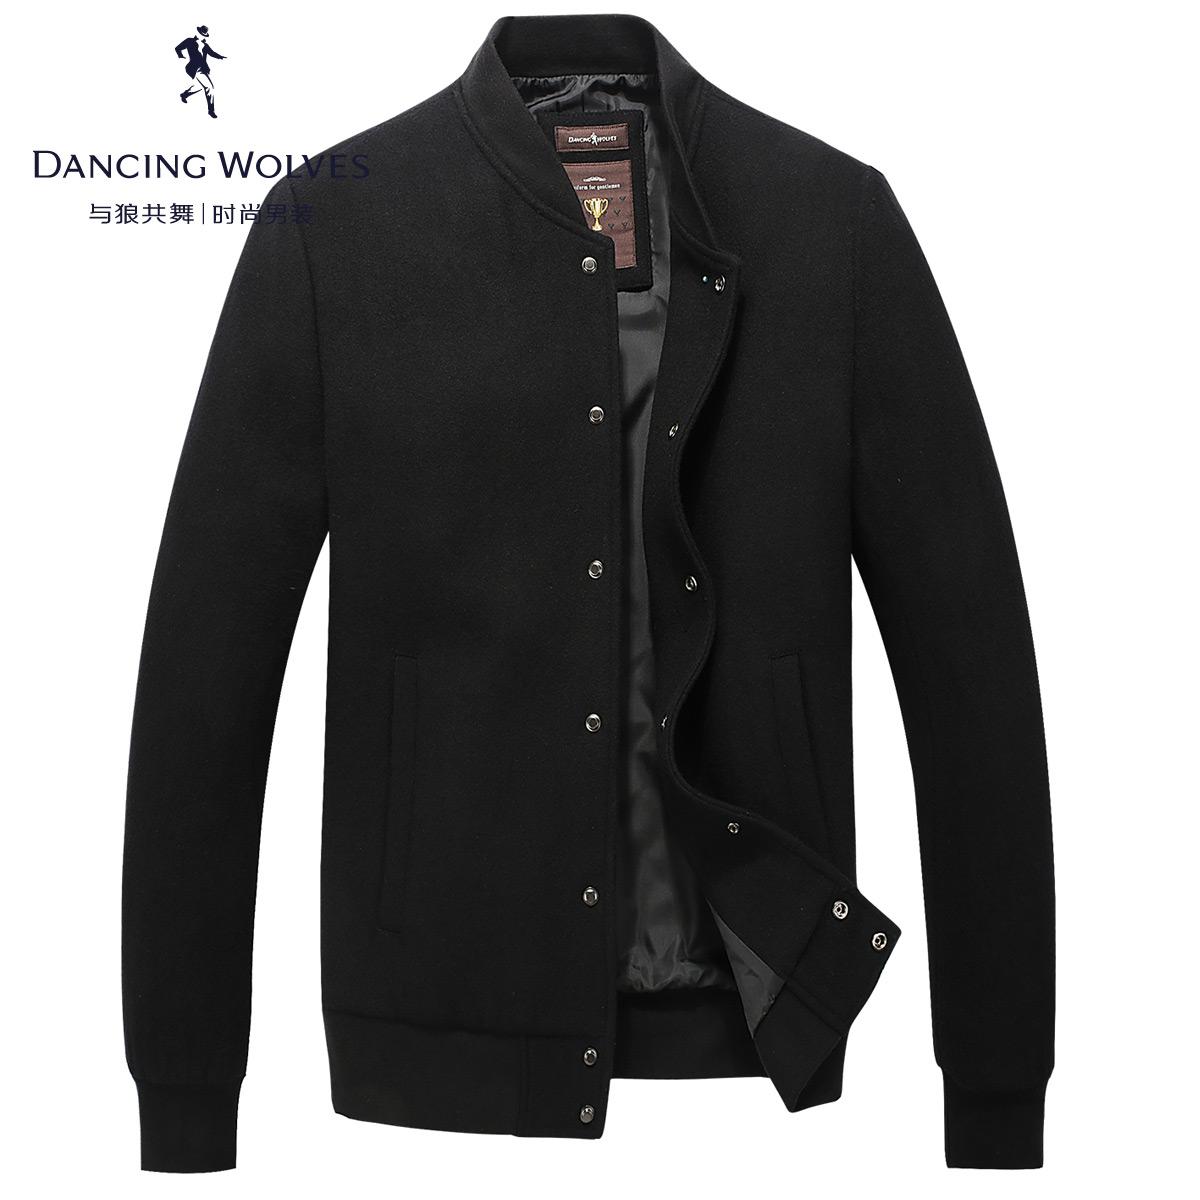 与狼共舞夹克2017冬季新款男装棒球领羊毛呢短款男士夹克外套1830